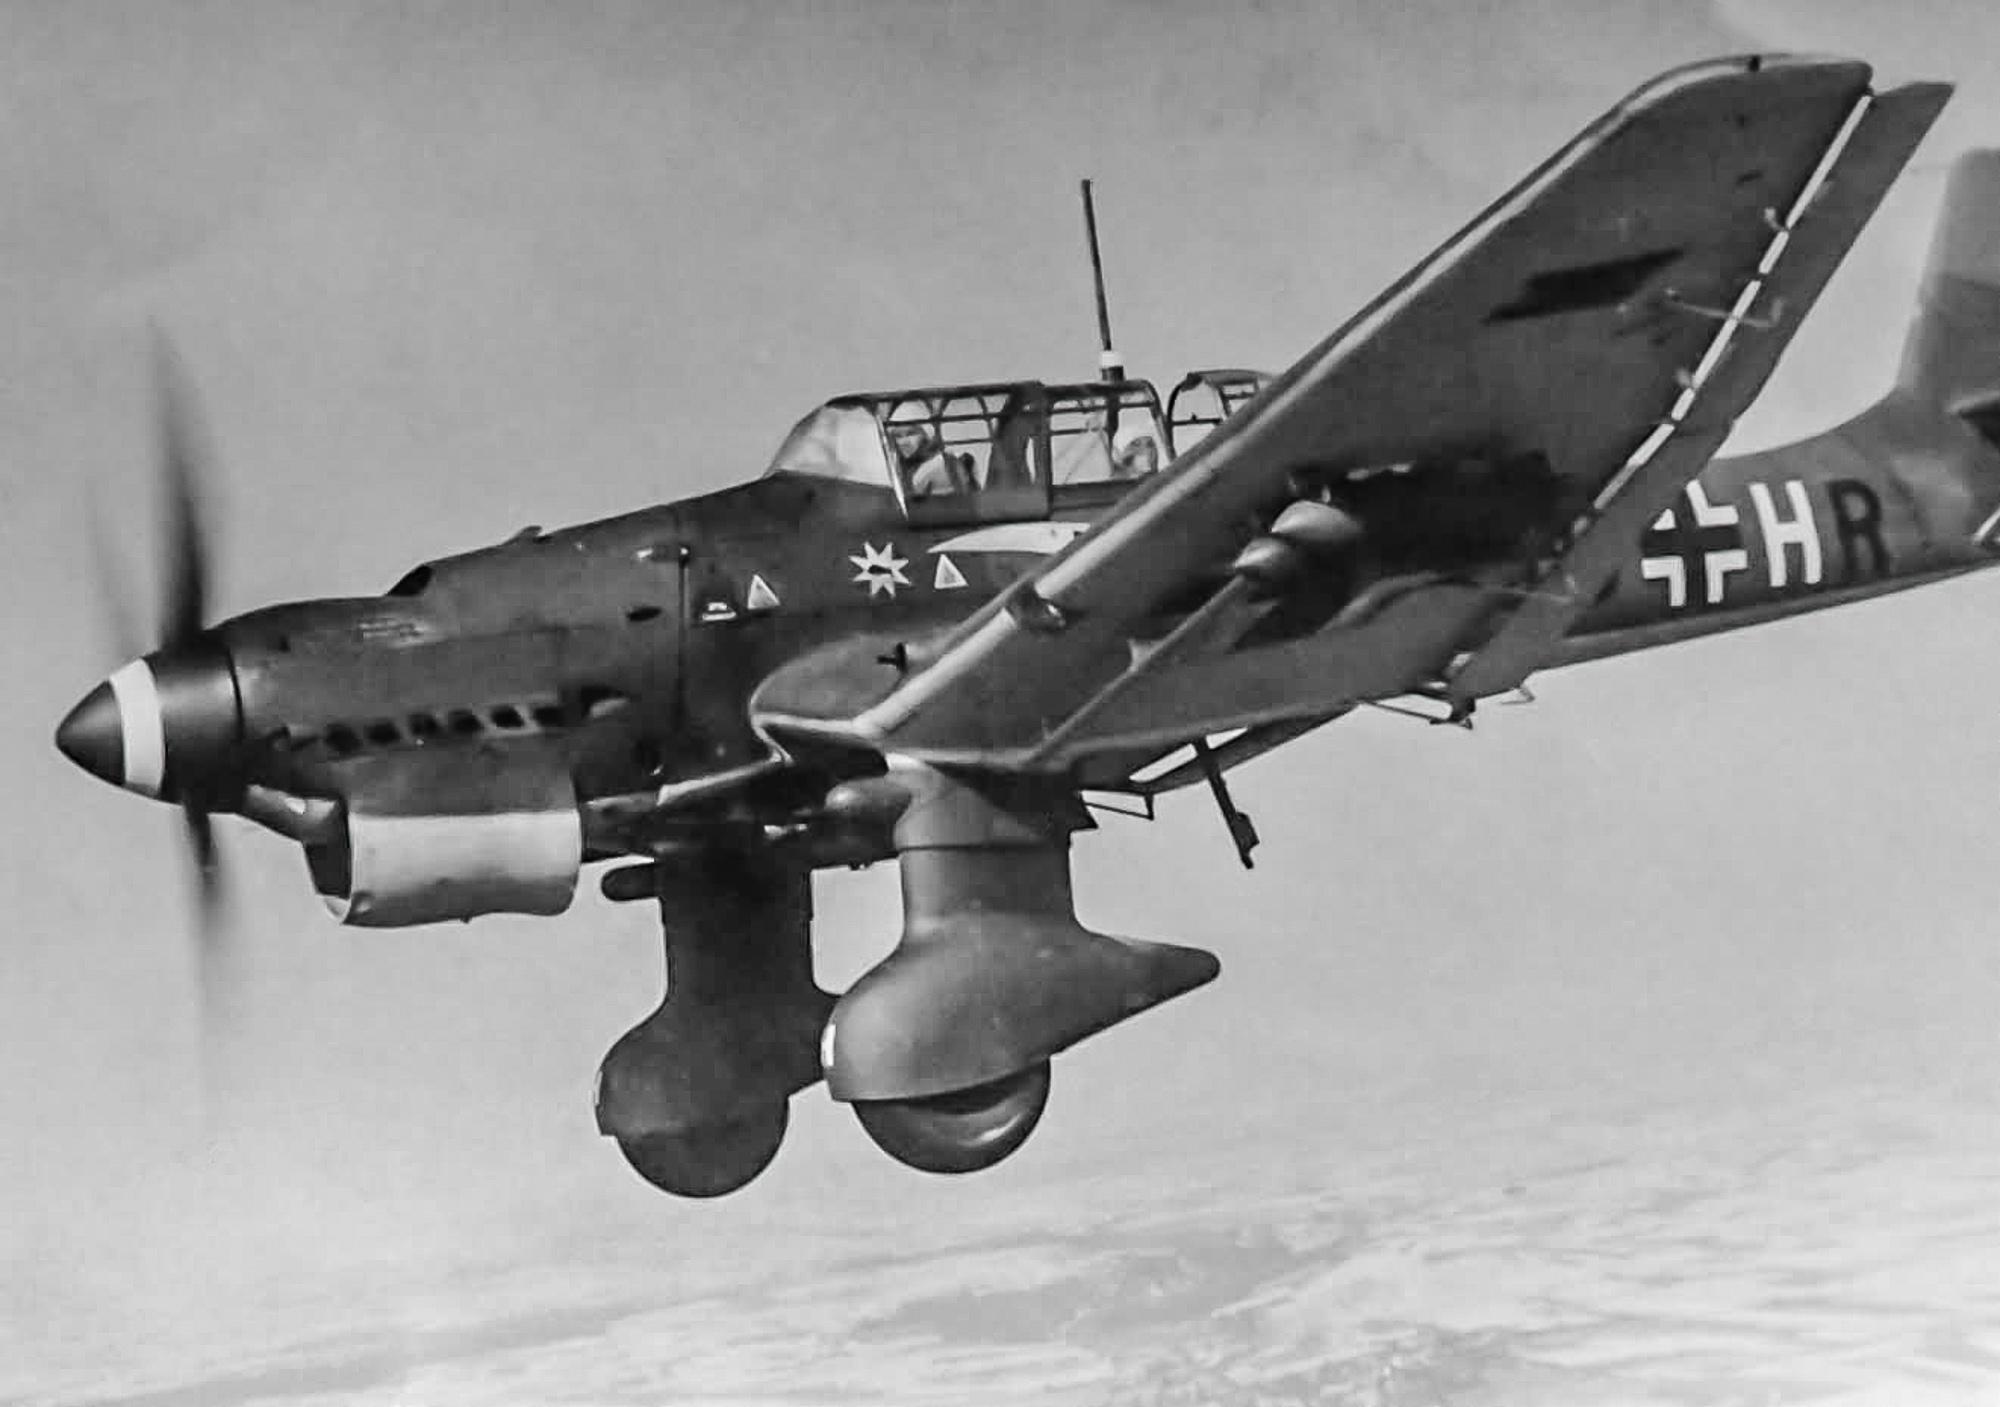 Ju 87 B-1 Stuka